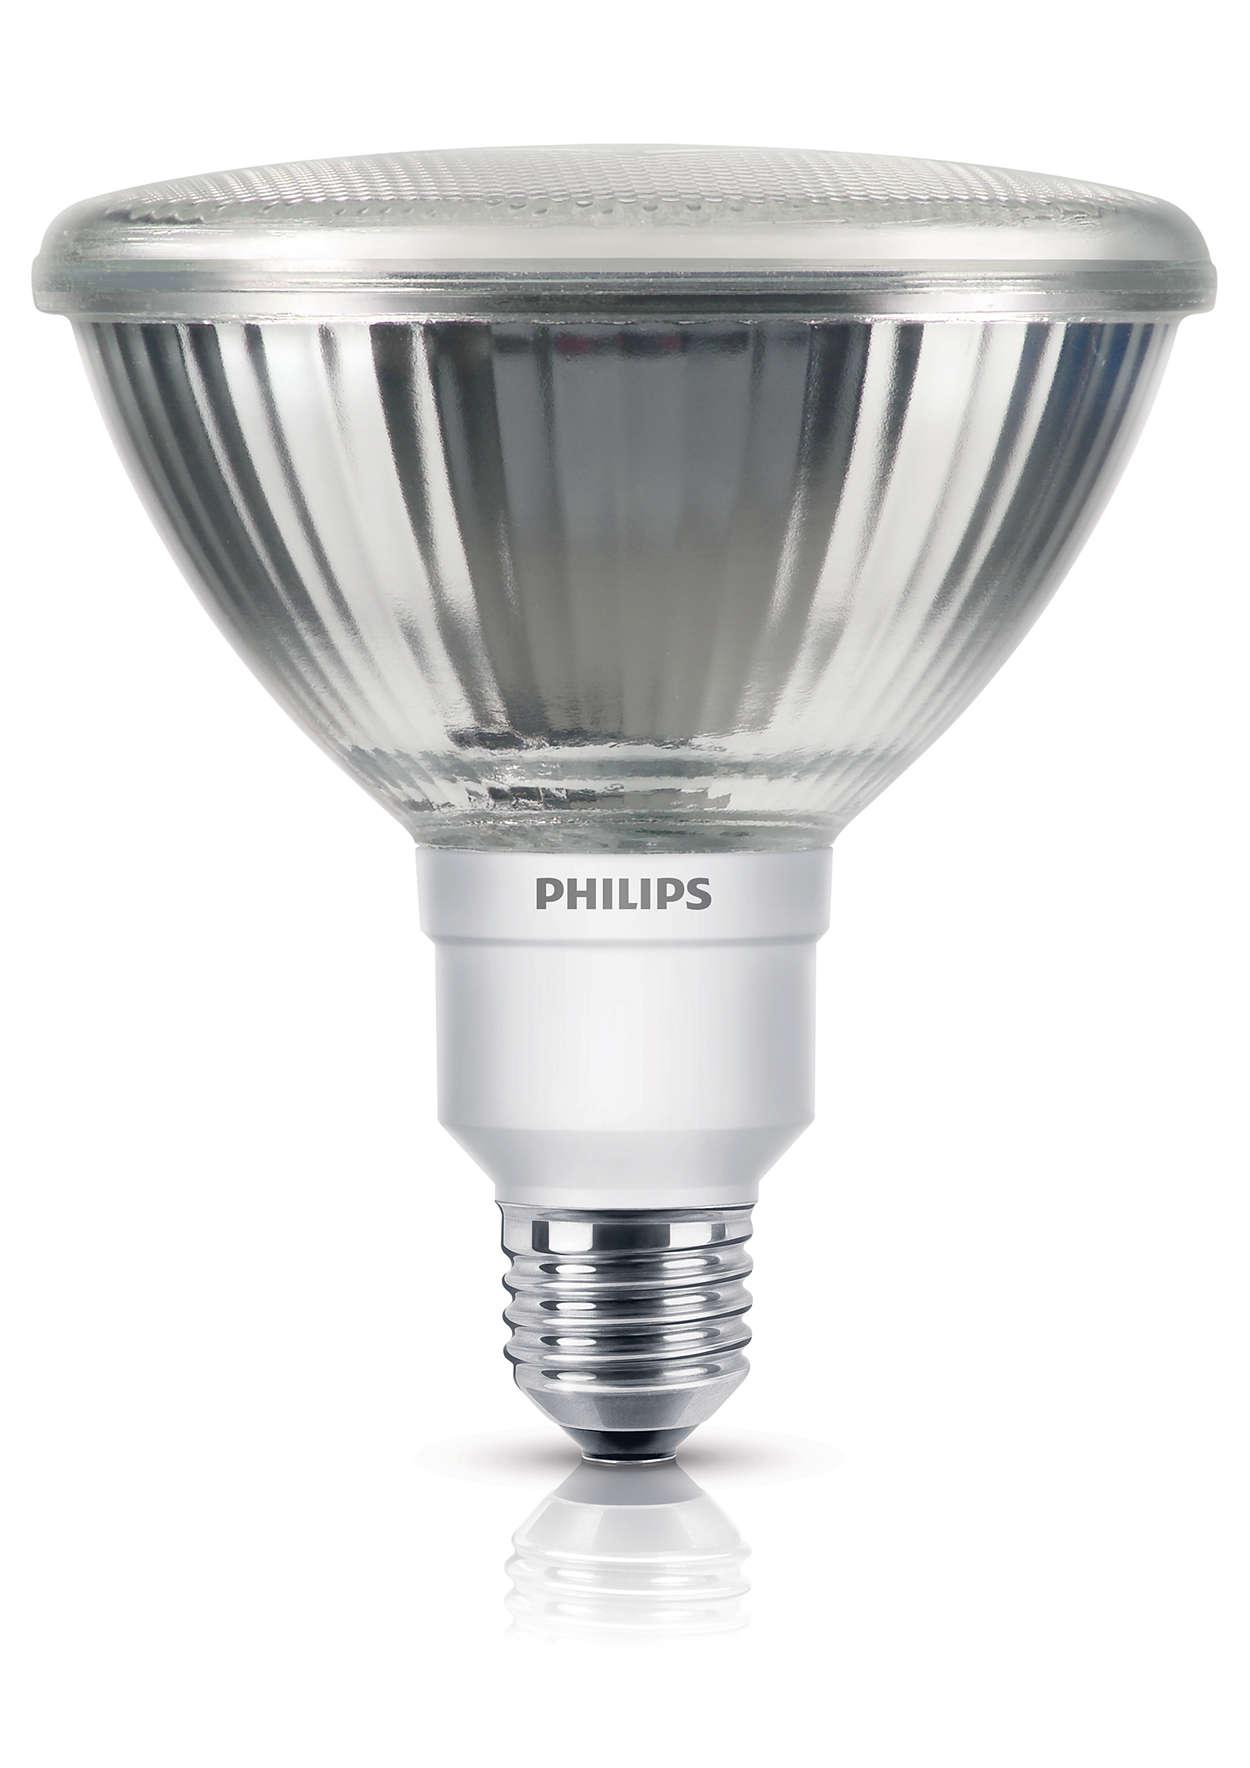 Tecnologia a risparmio energetico in una lampada direzionale